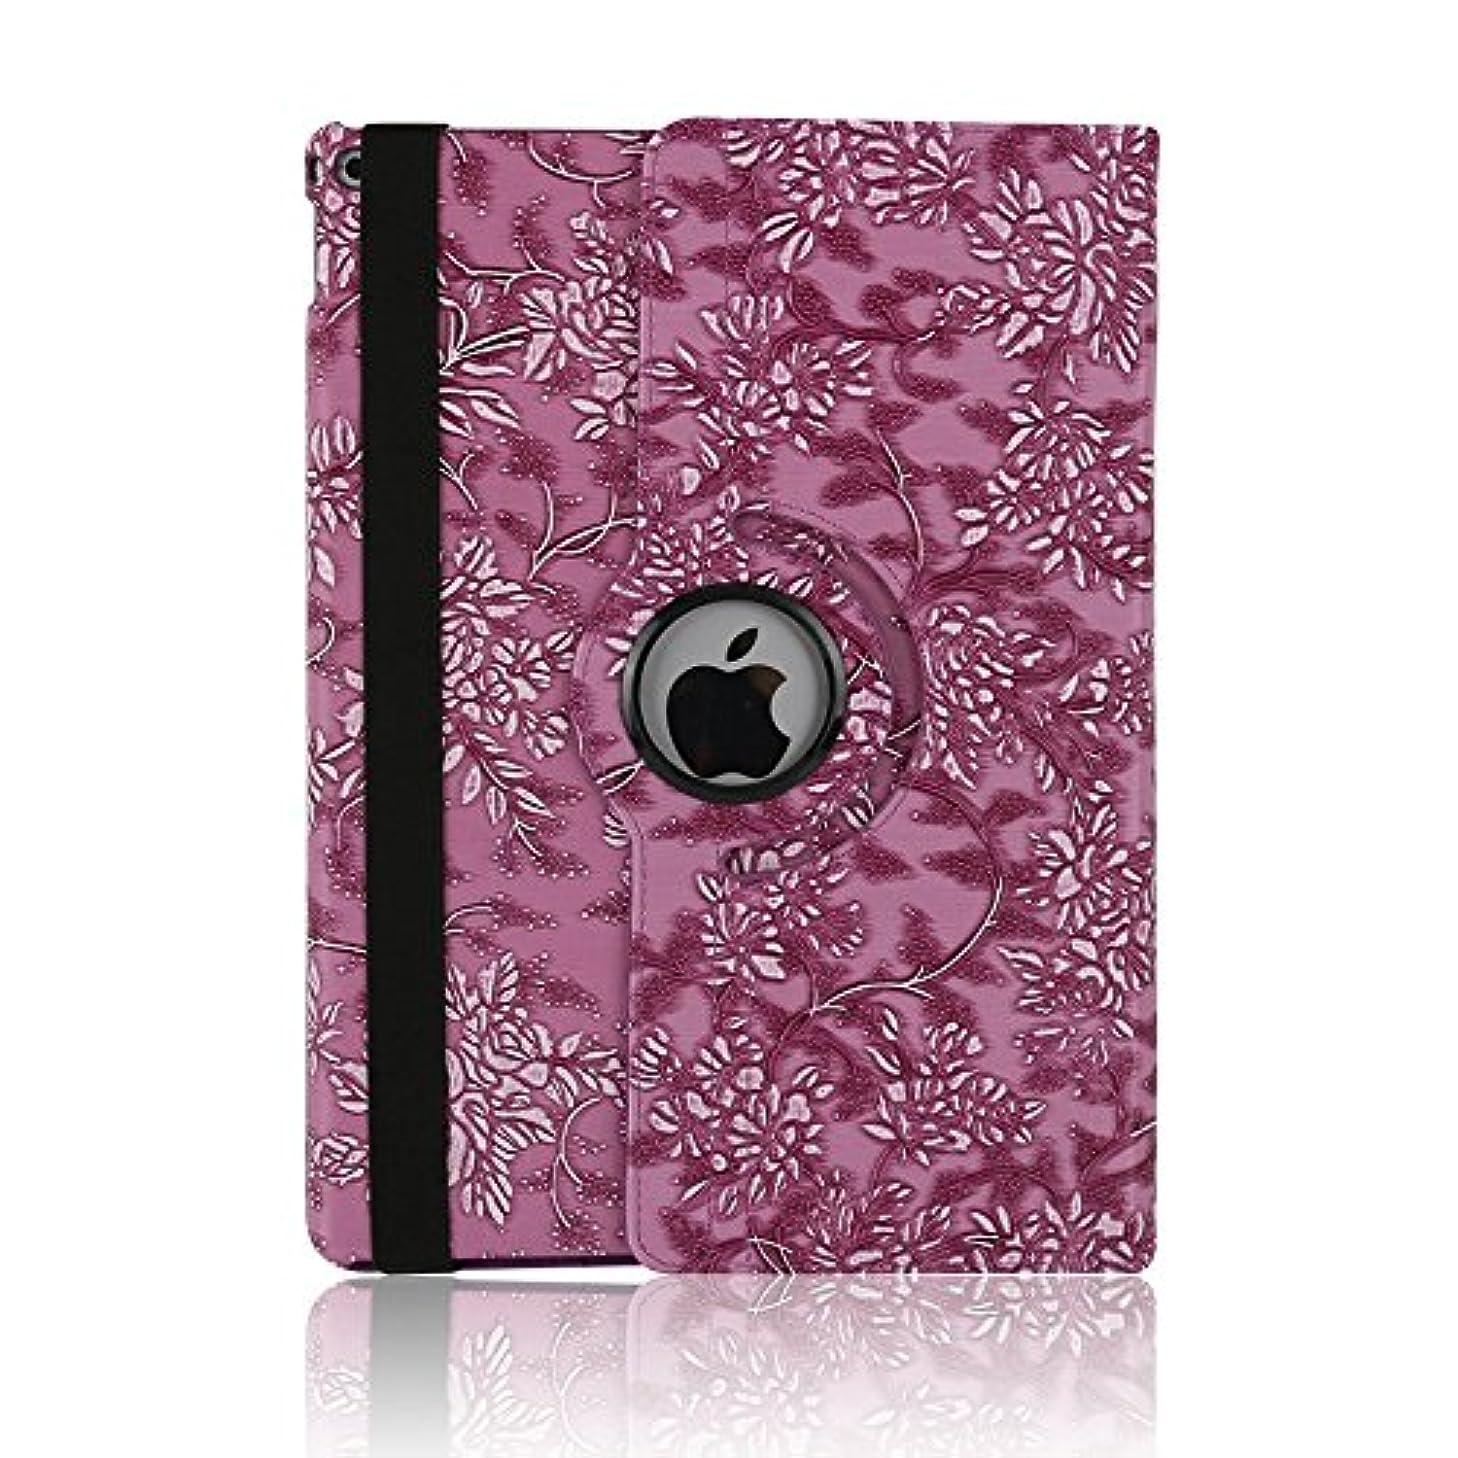 リム冷ややかなシニスケース ipad 手帳型、SIMPLE DO 360度回転式 スタンド機能 三つ折り 軽量 持ち運び便利 耐衝撃 レディース 女子 人気 おしゃれ 通勤 iPad Air 2 9.7インチ対応(パープル)